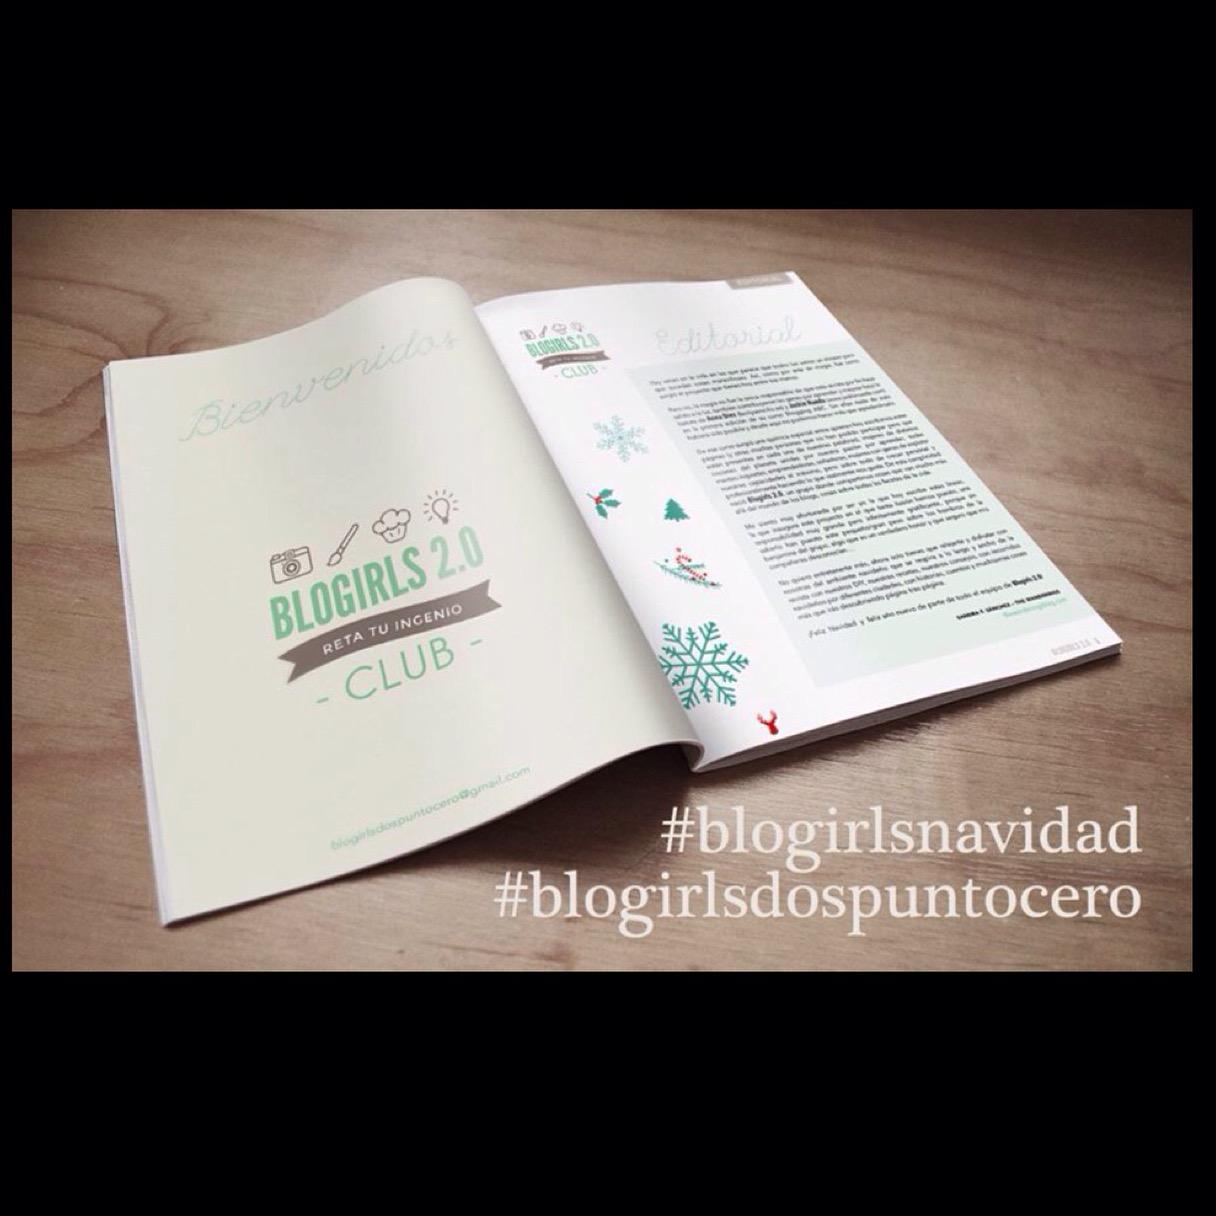 http://issuu.com/blogirls2.0/docs/lanatividad?e=14543177/10474381